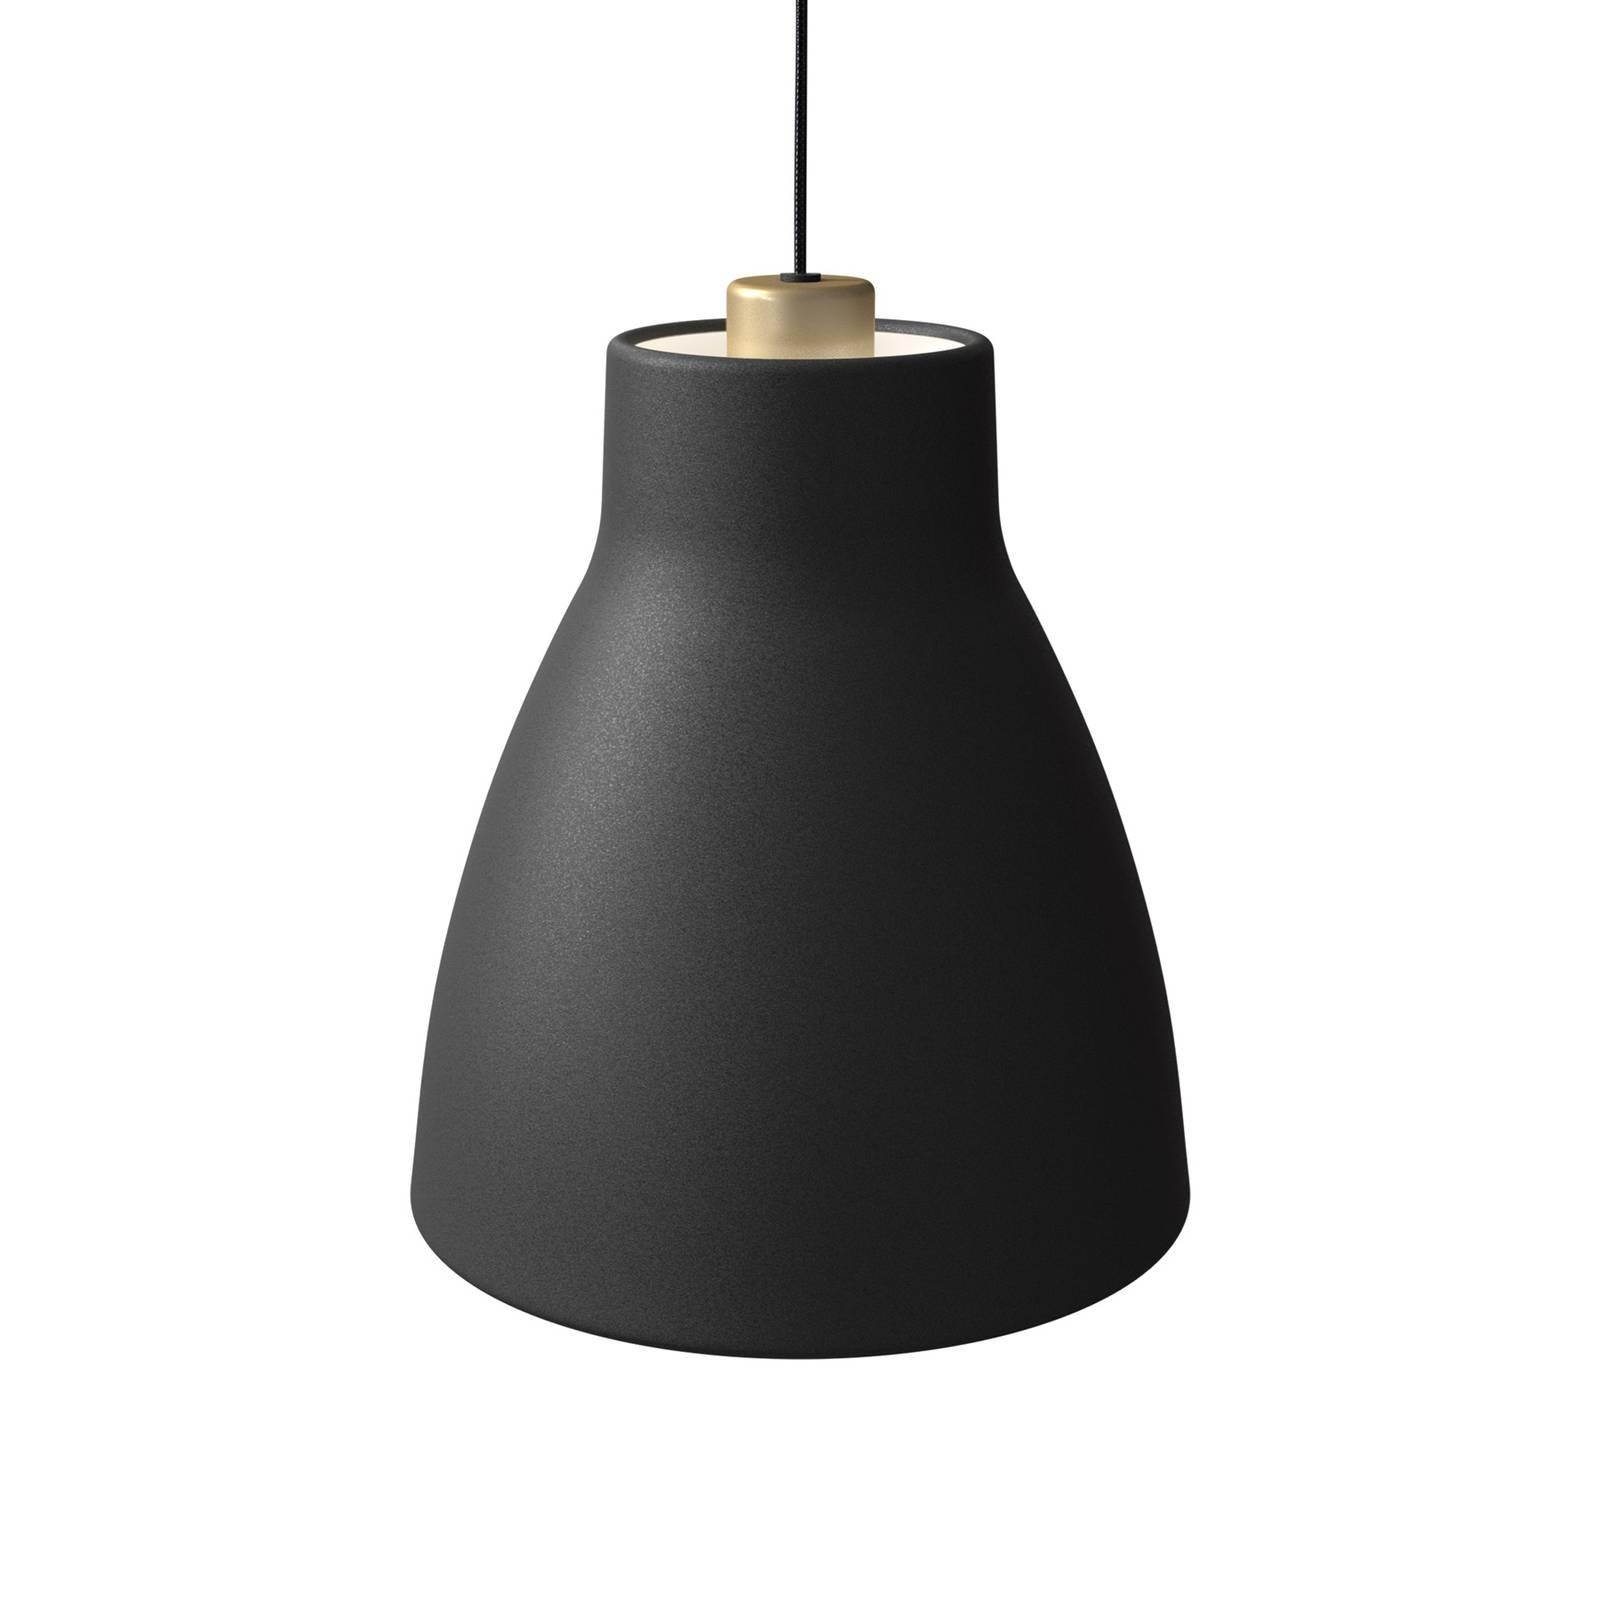 Pendelleuchte Gong, Ø 25 cm, schwarz